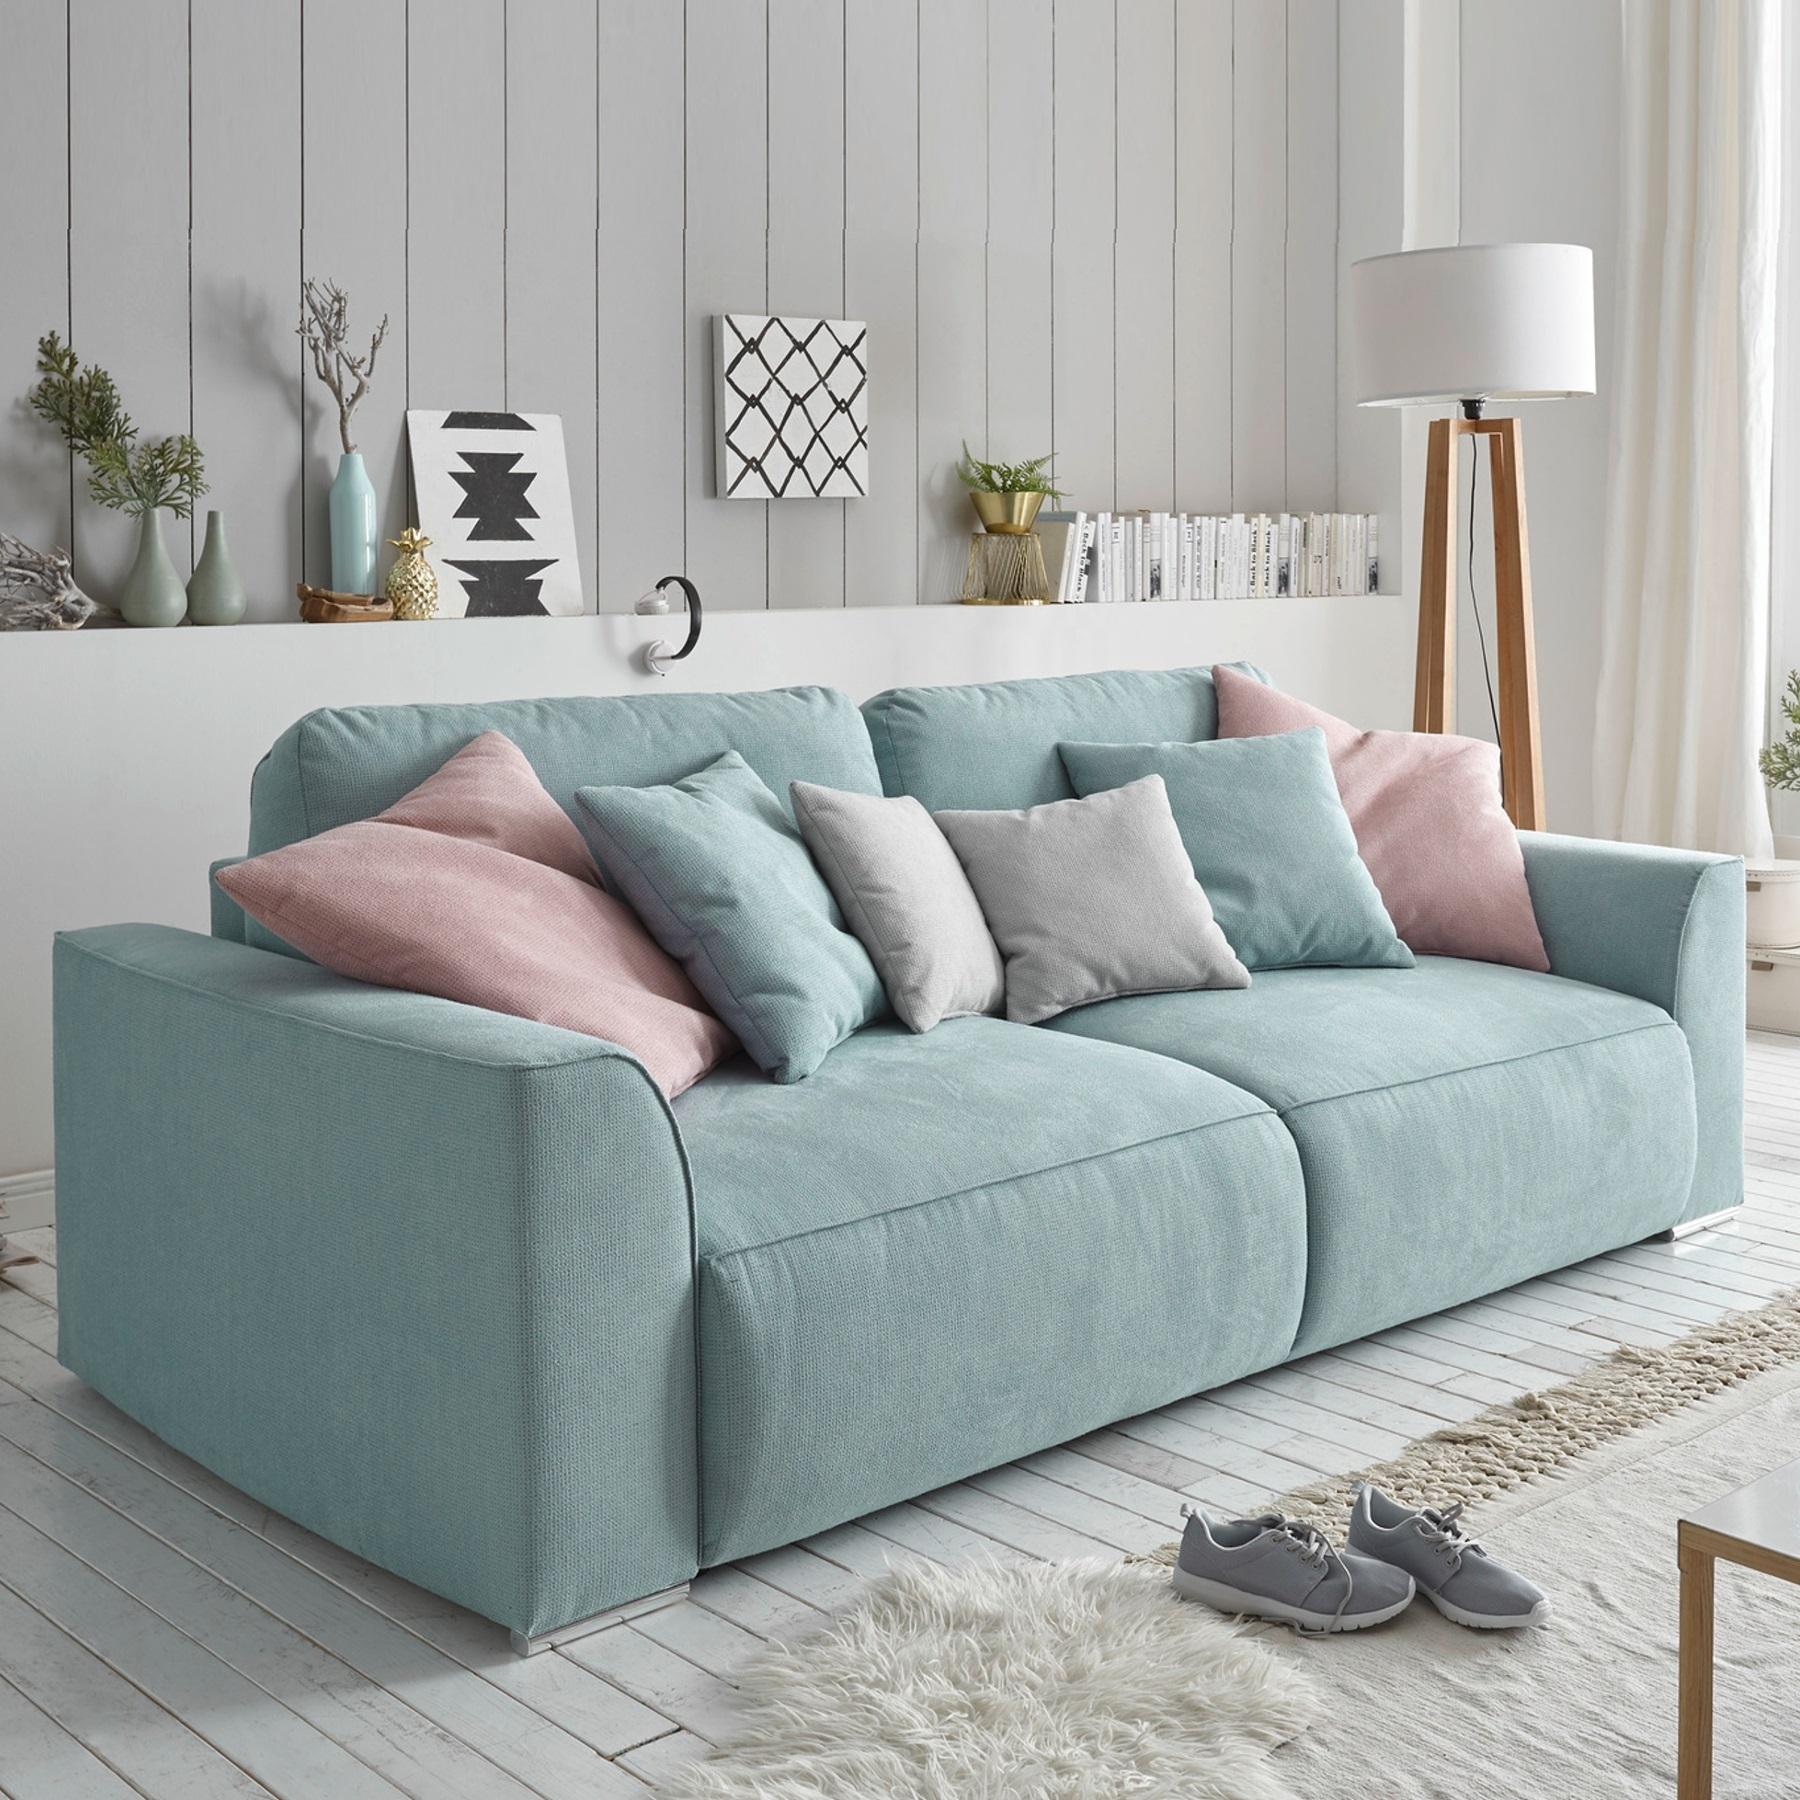 big sofa weekend schlaffunktion mit bettkasten schlafsofa schlafcouch xxl couch ebay. Black Bedroom Furniture Sets. Home Design Ideas